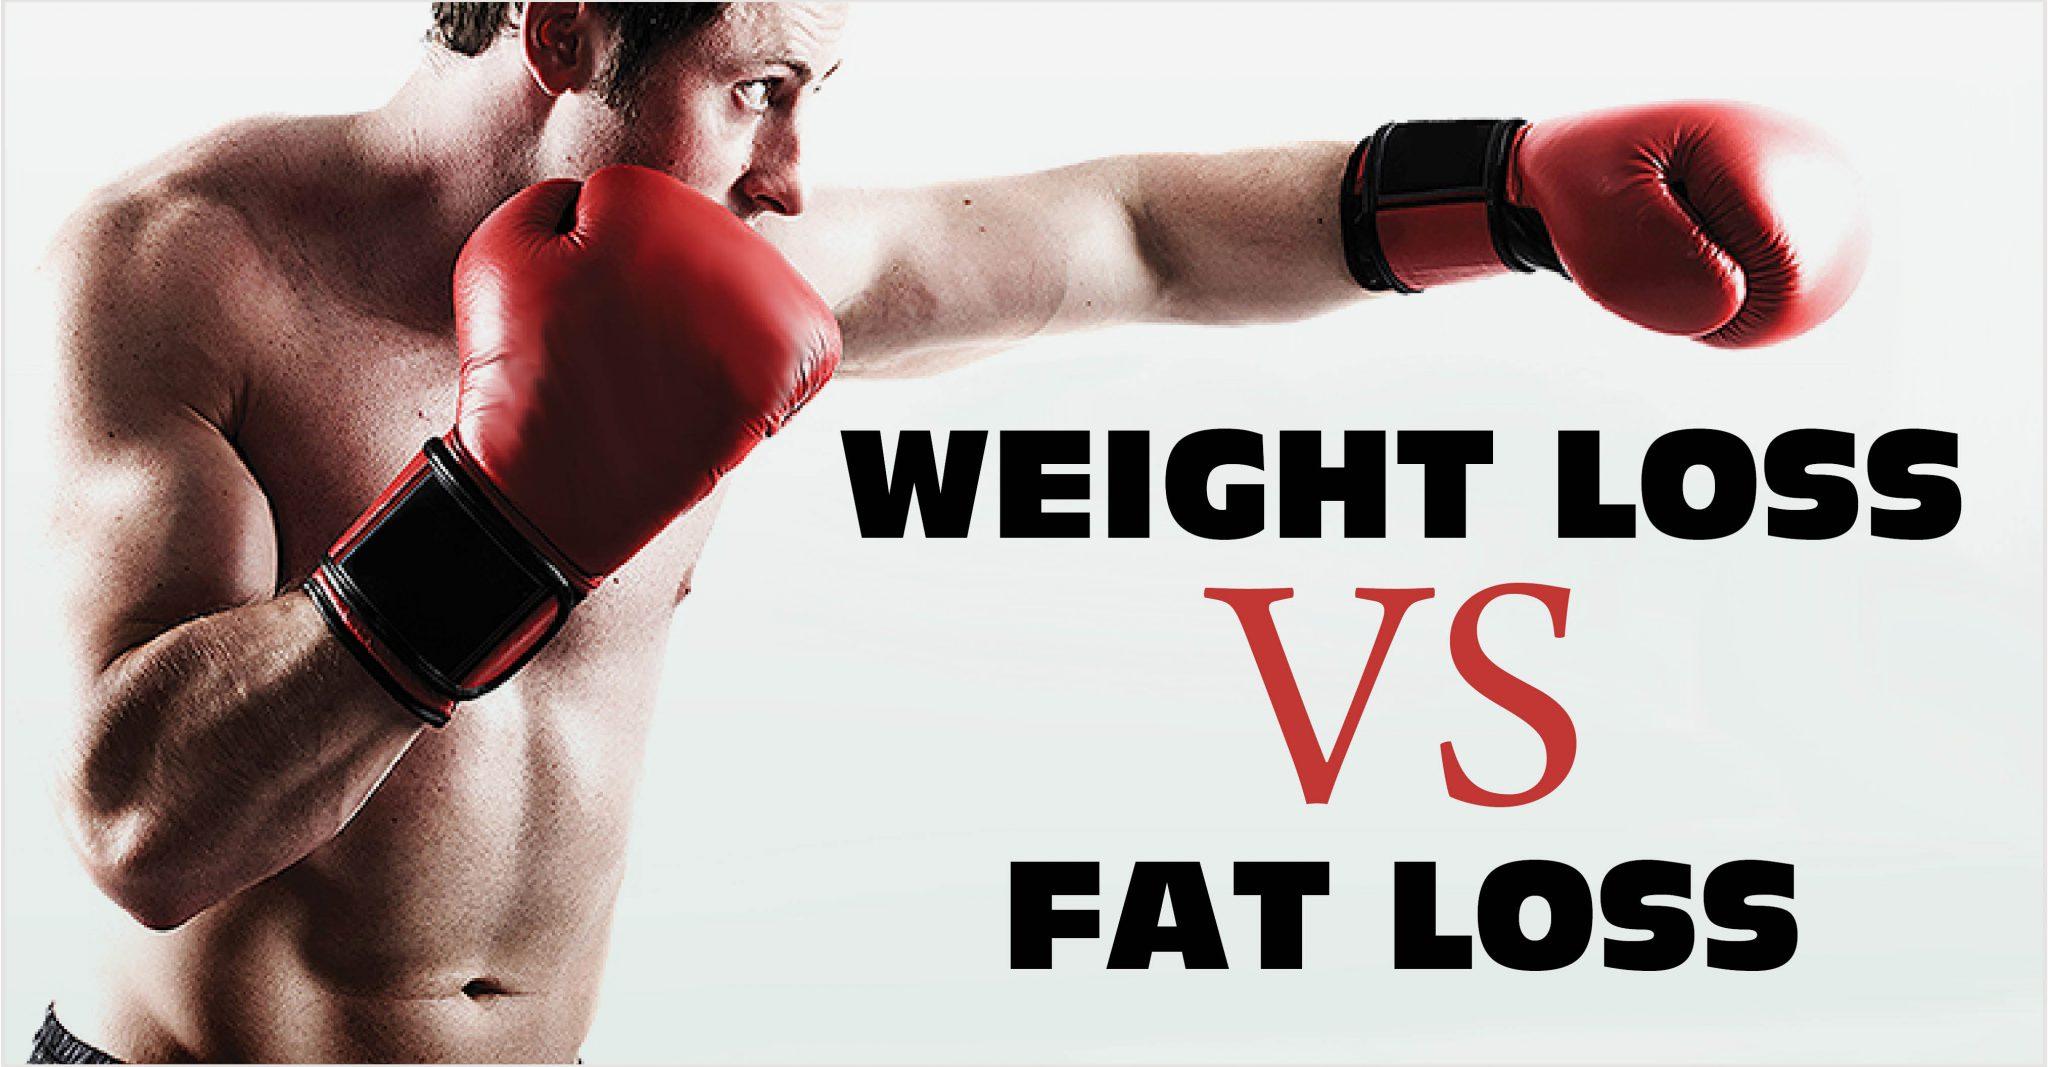 Pierderea în greutate arde natural grăsimea